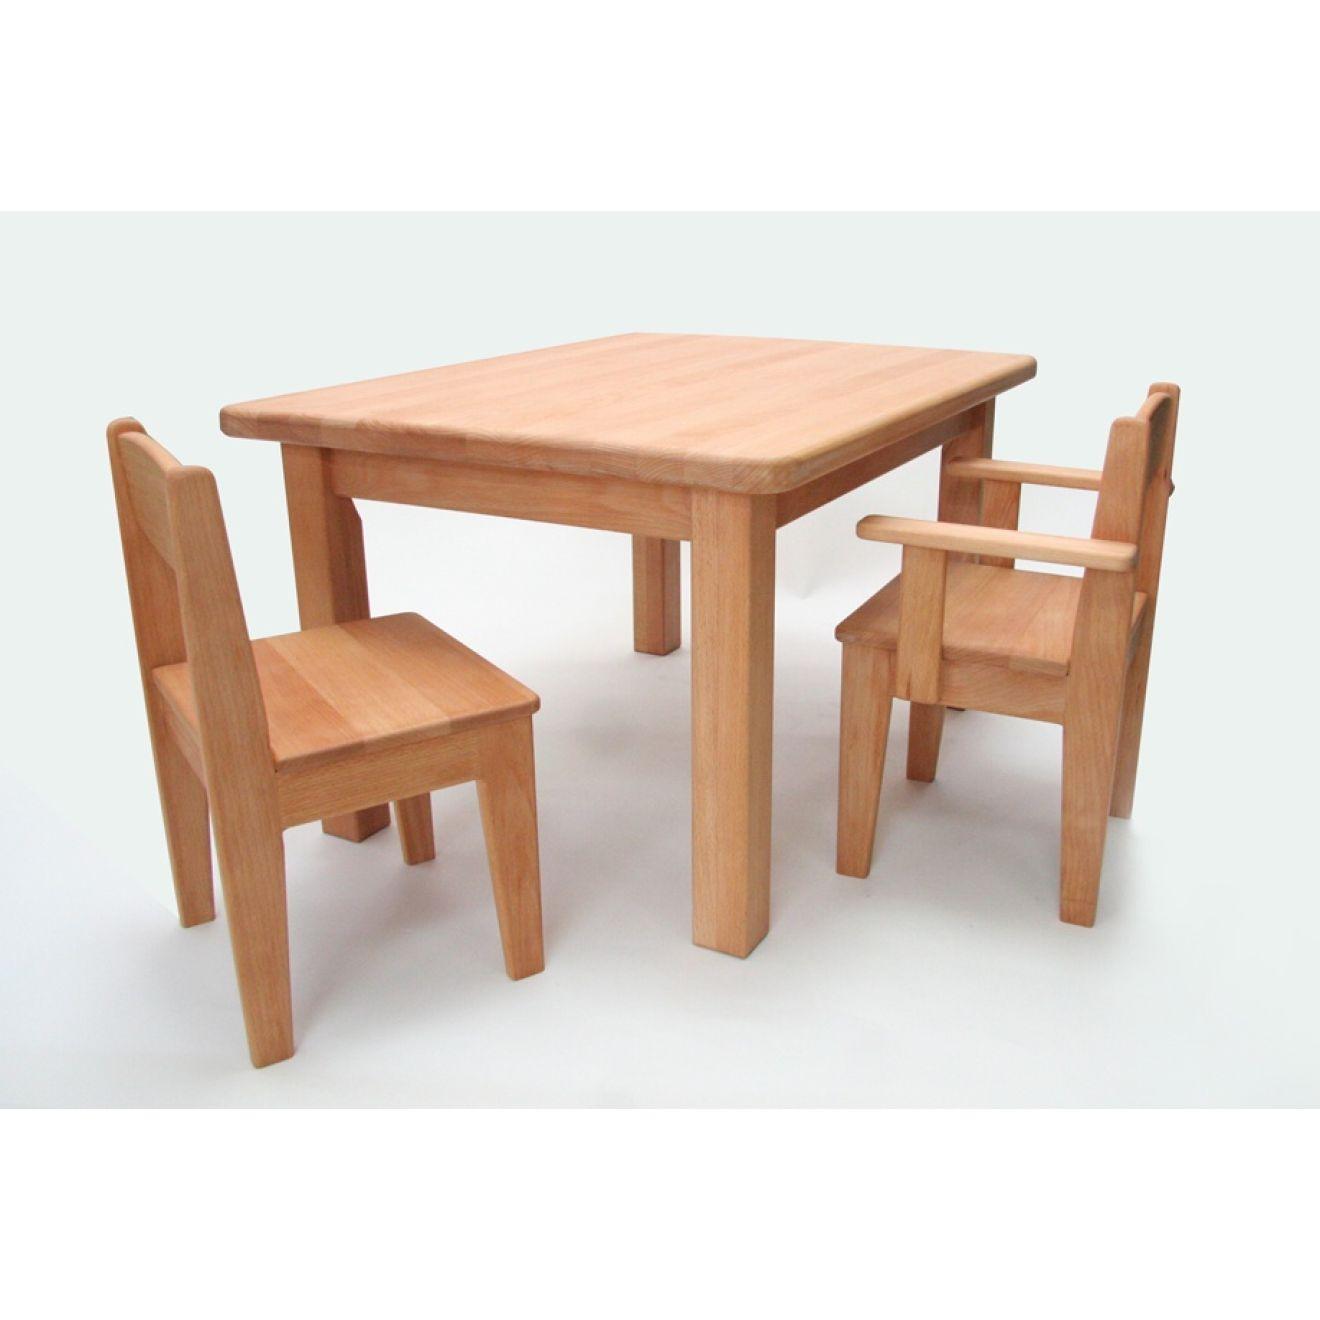 kinderstuhl holz buche ge lt sitzh he 26 cm tisch. Black Bedroom Furniture Sets. Home Design Ideas